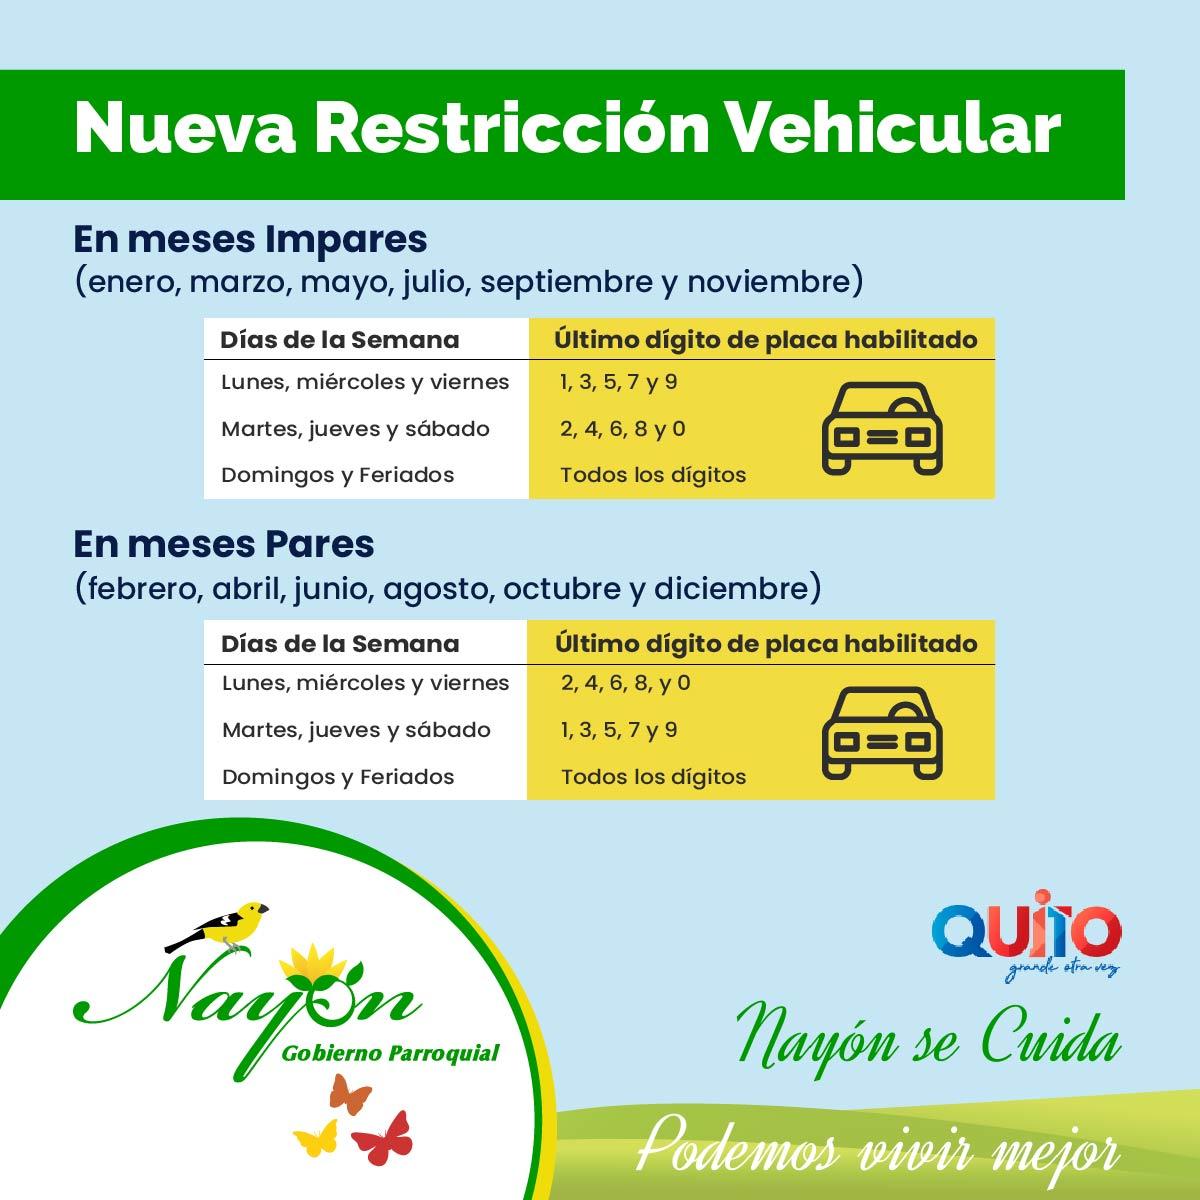 Nueva Restricción Vehicular